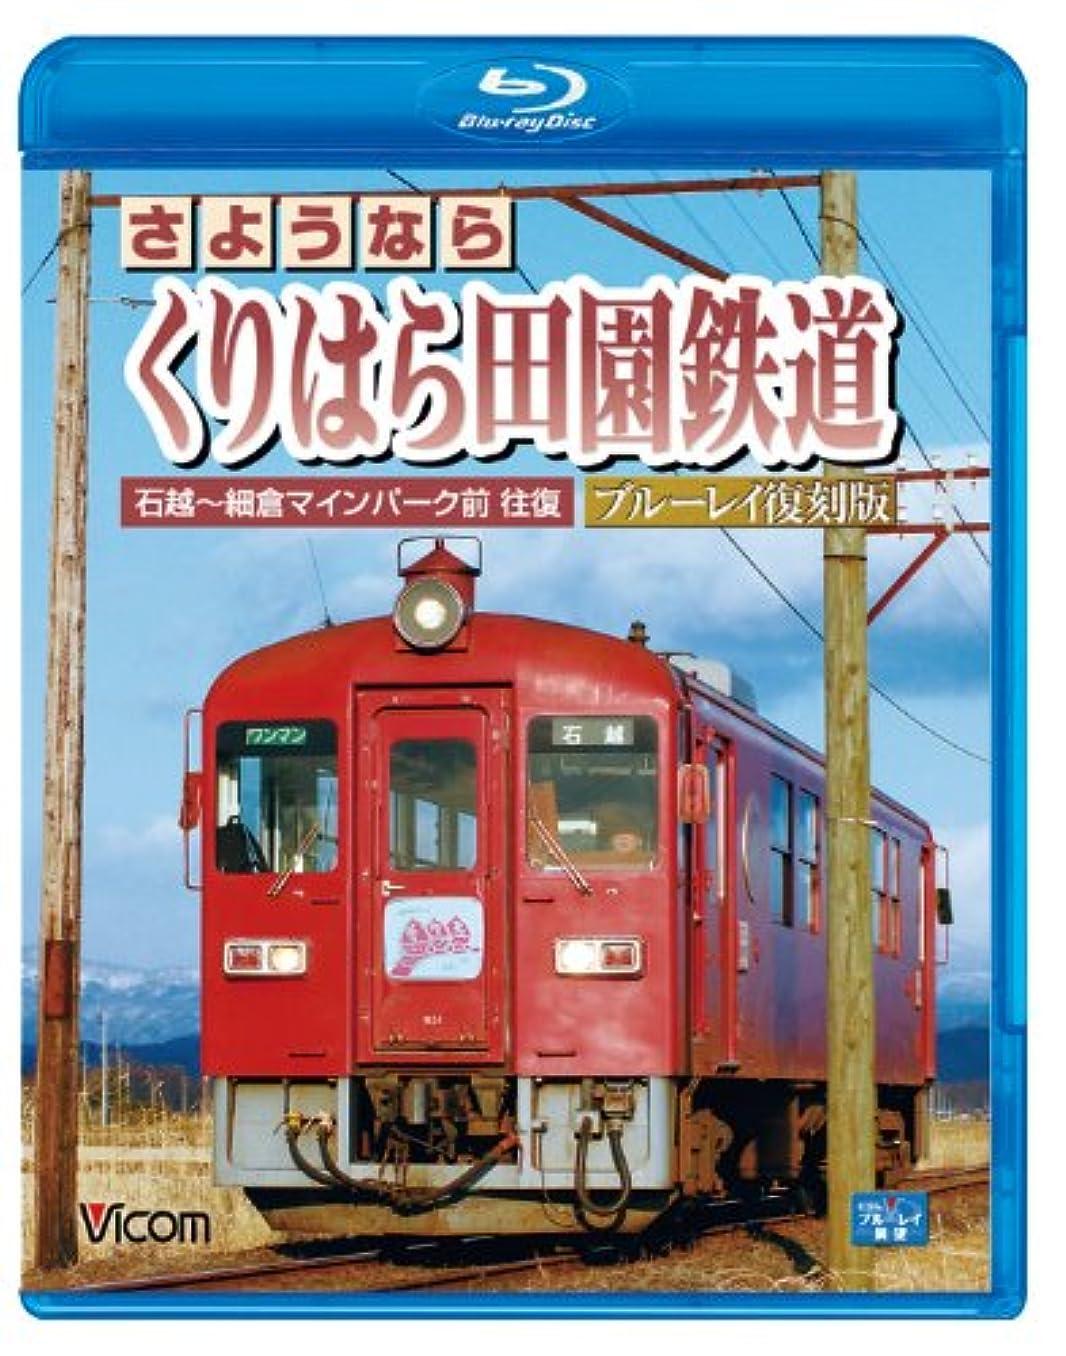 人工的なローズローマ人さようなら くりはら田園鉄道 ブルーレイ復刻版 石越~細倉マインパーク前往復(Blu-rayDisc)